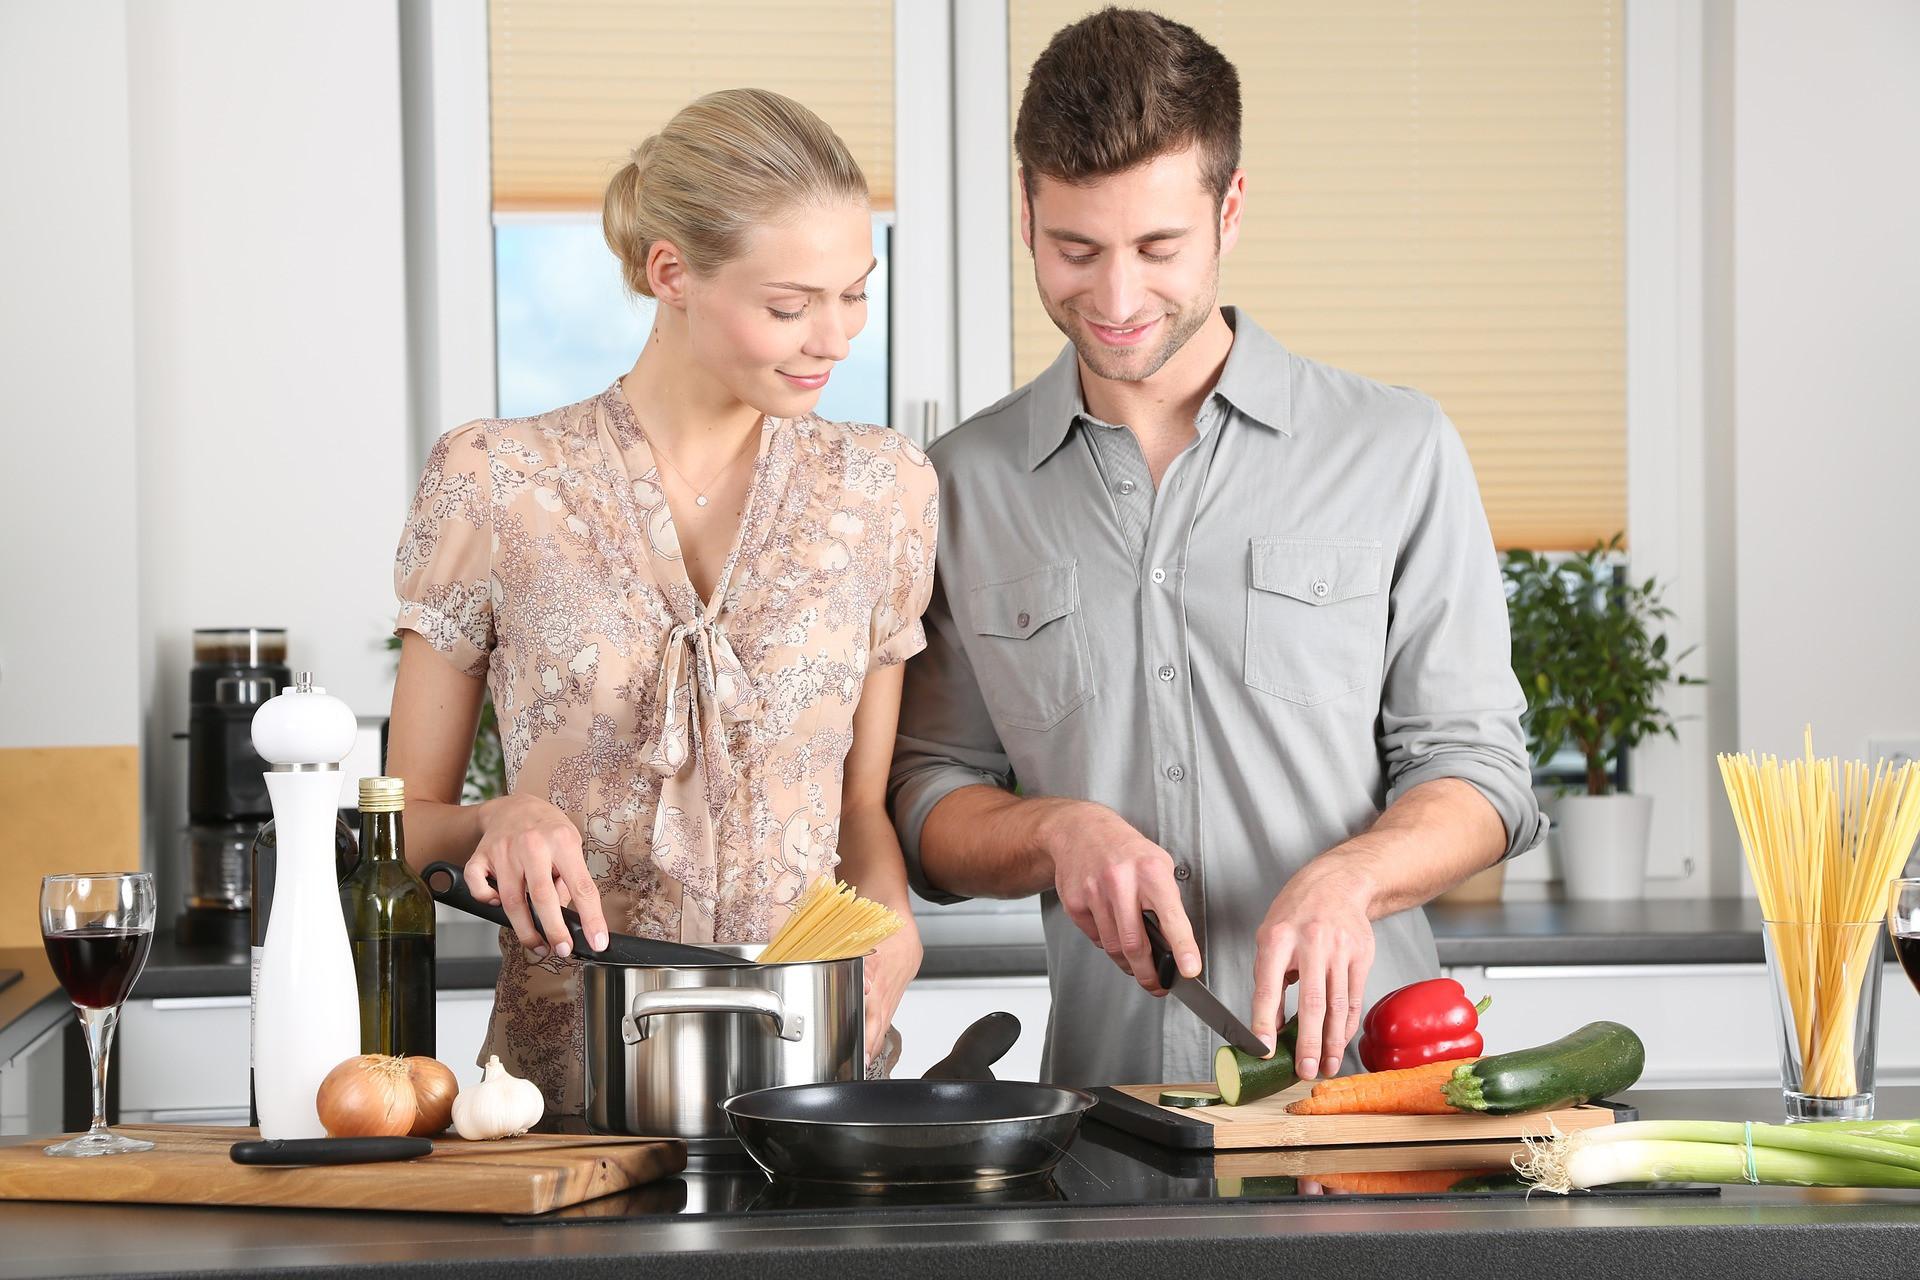 Тест: кто на самом деле главный в вашей семье? Муж или ты?